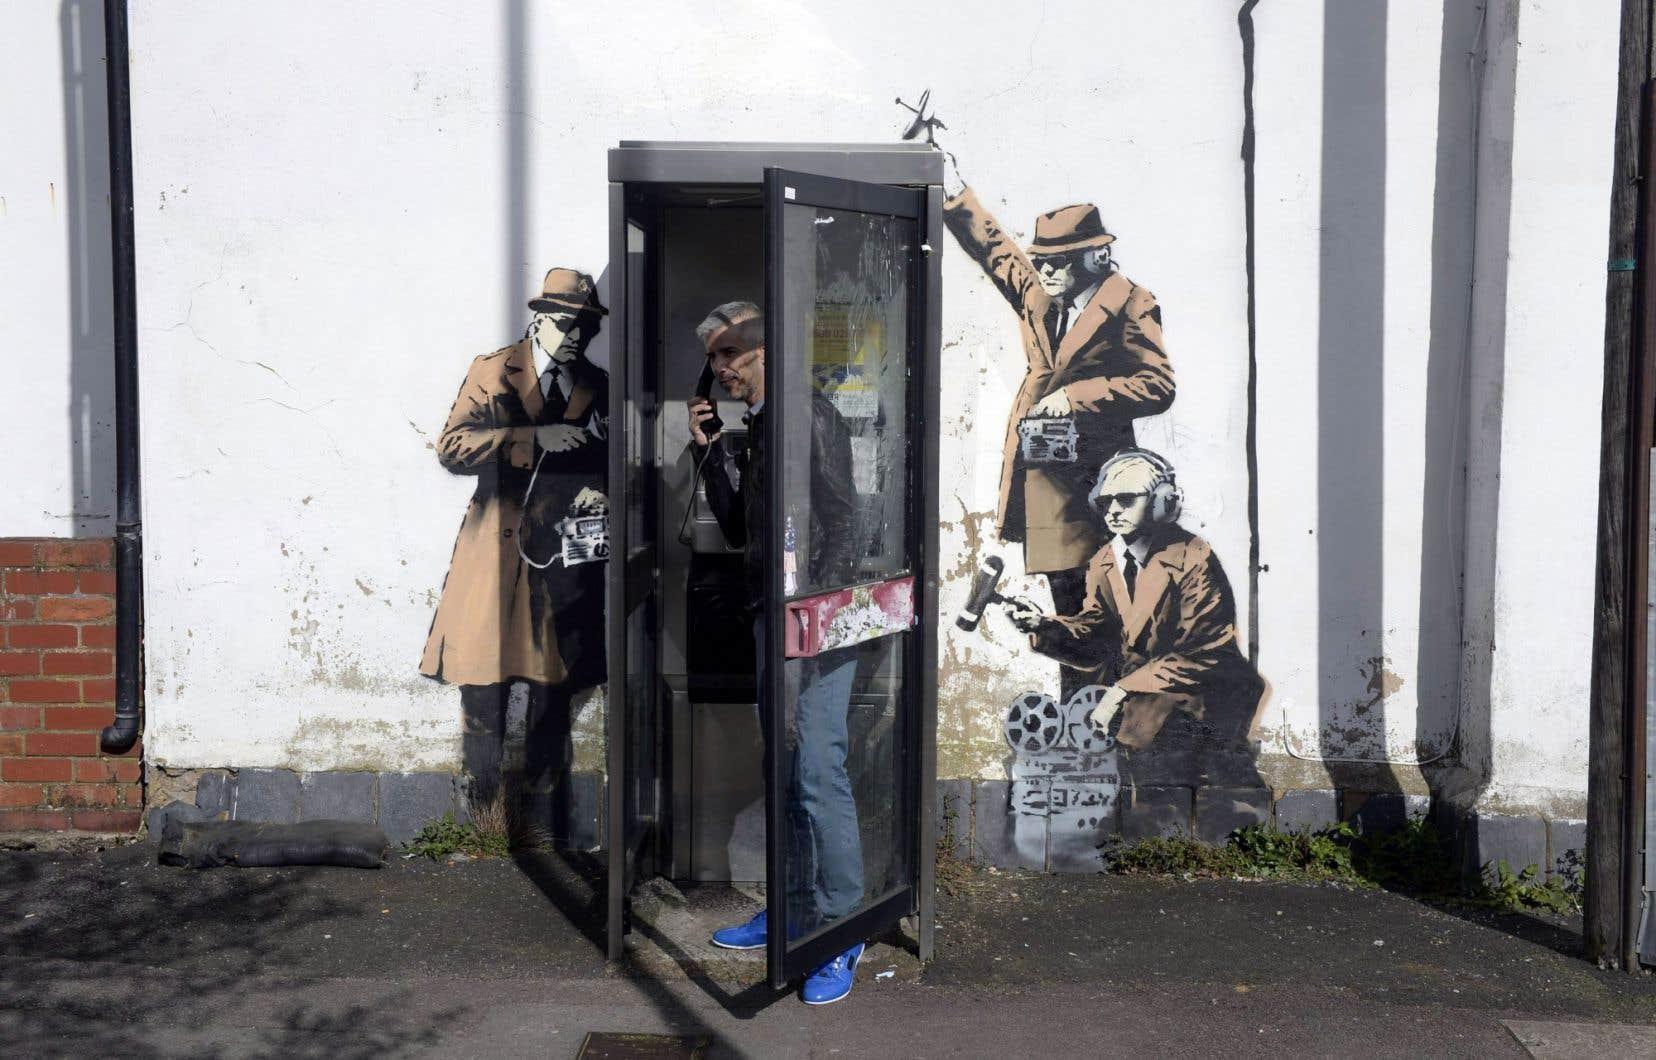 Placée sous les fenêtres des espions britanniques, cette œuvre revendicatrice est bien une création de l'artiste Banksy.